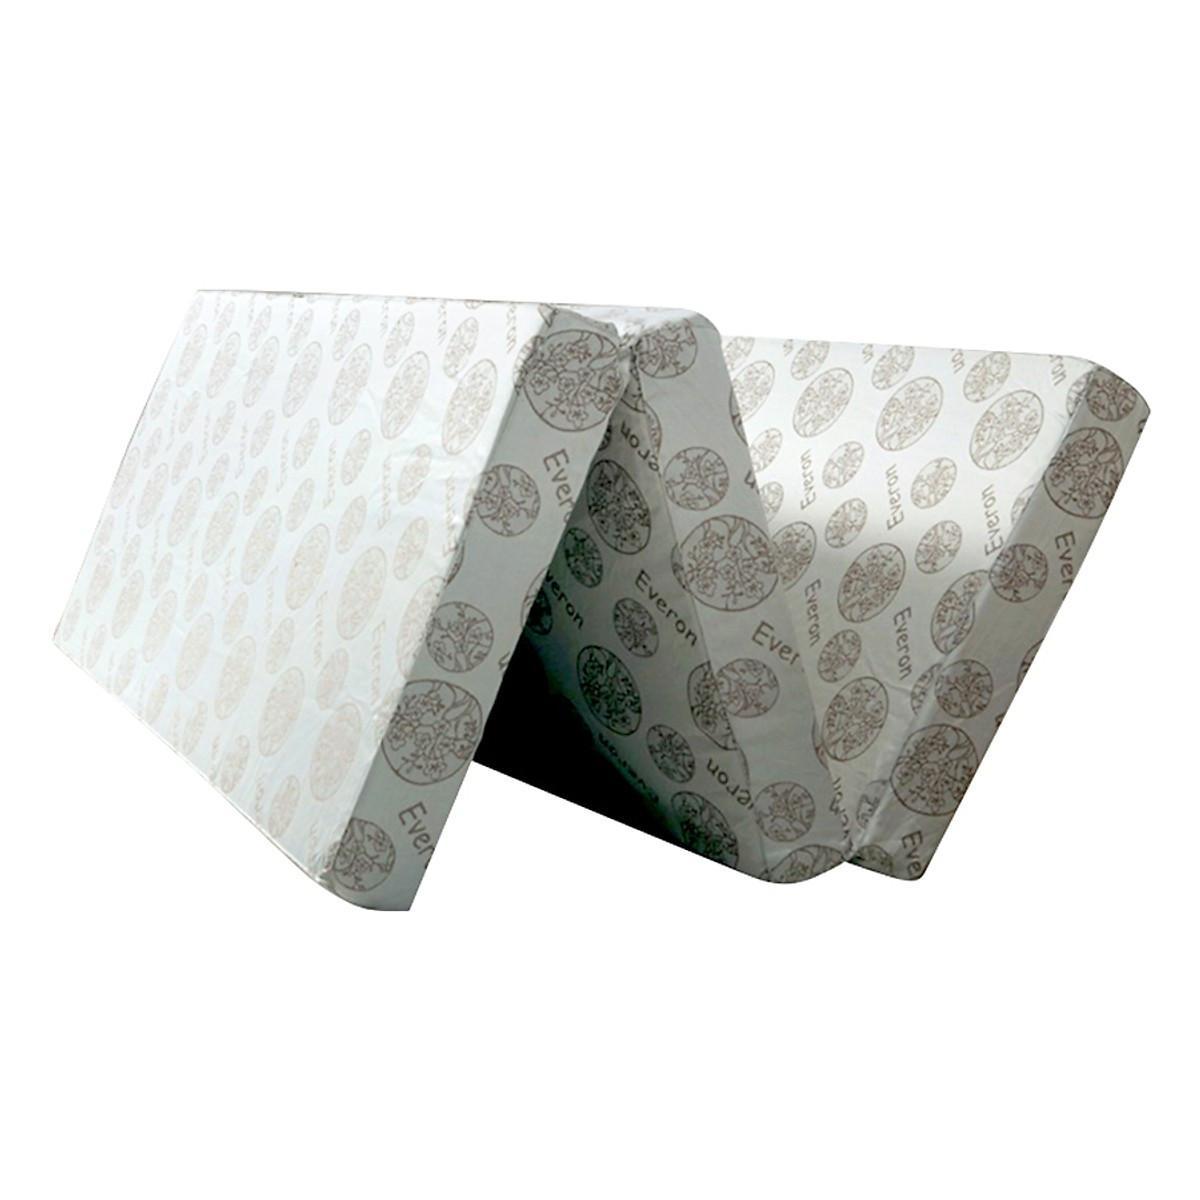 Review Nệm Bông Ép Gấp 3 Everon Ceramic EVCM105 (100 x 195 x 5cm)